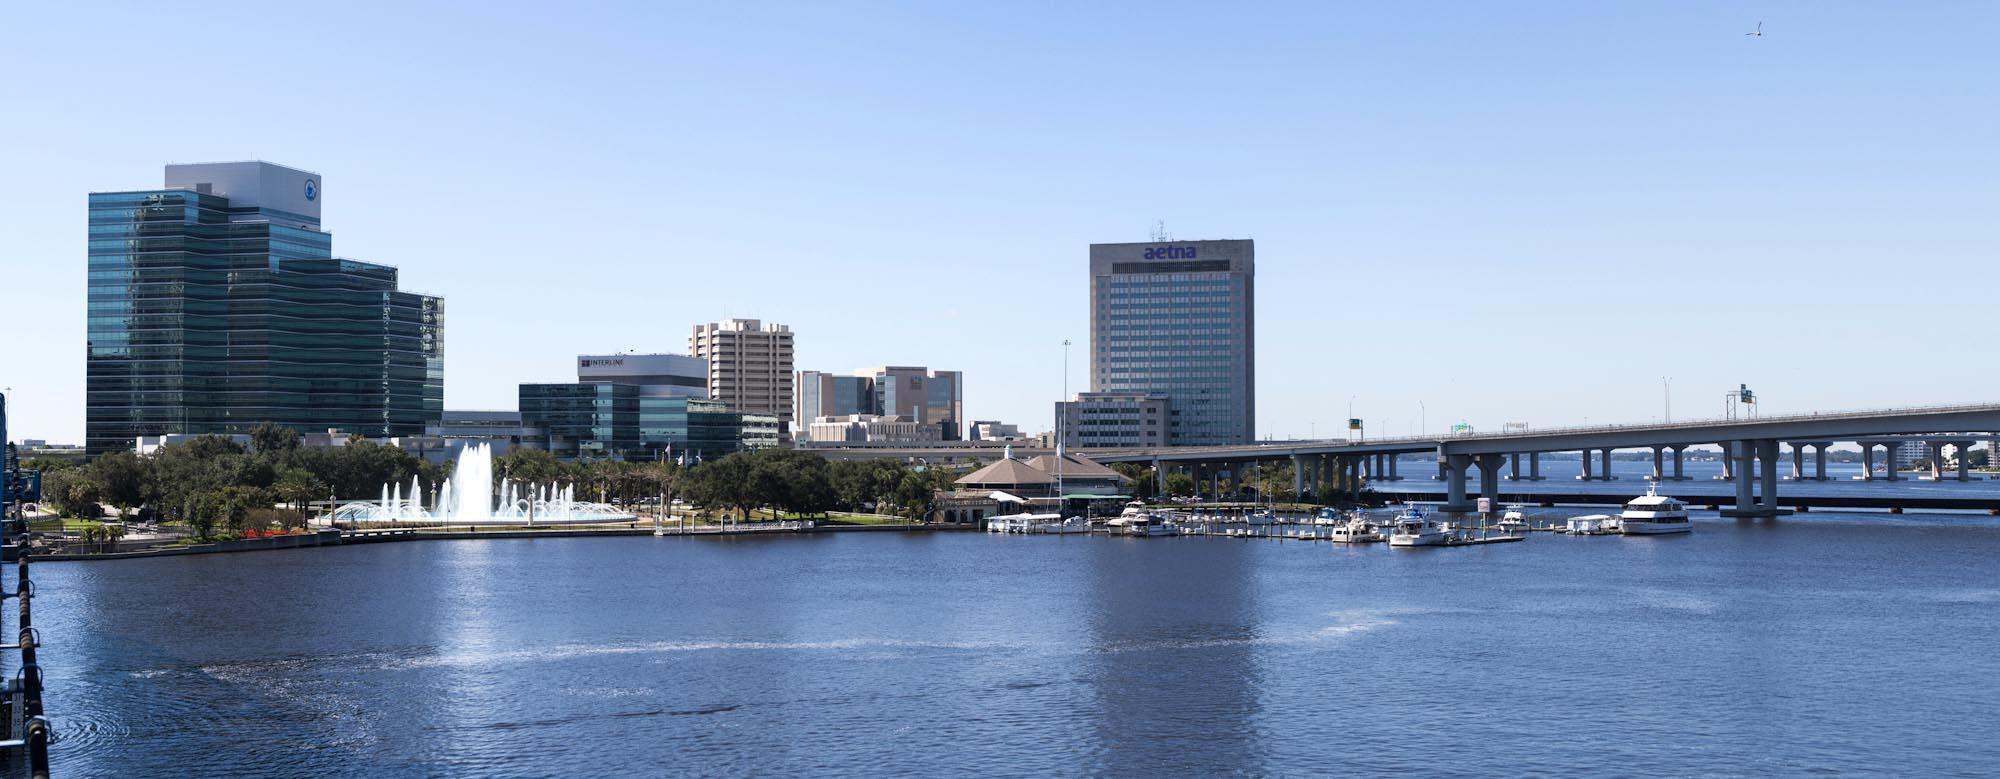 urban-design-ULI-TAP-Jacksonville-river-friendship-fountain-urban-land-institute-elm-Steve-Lovett-landscape-architect-2.jpg